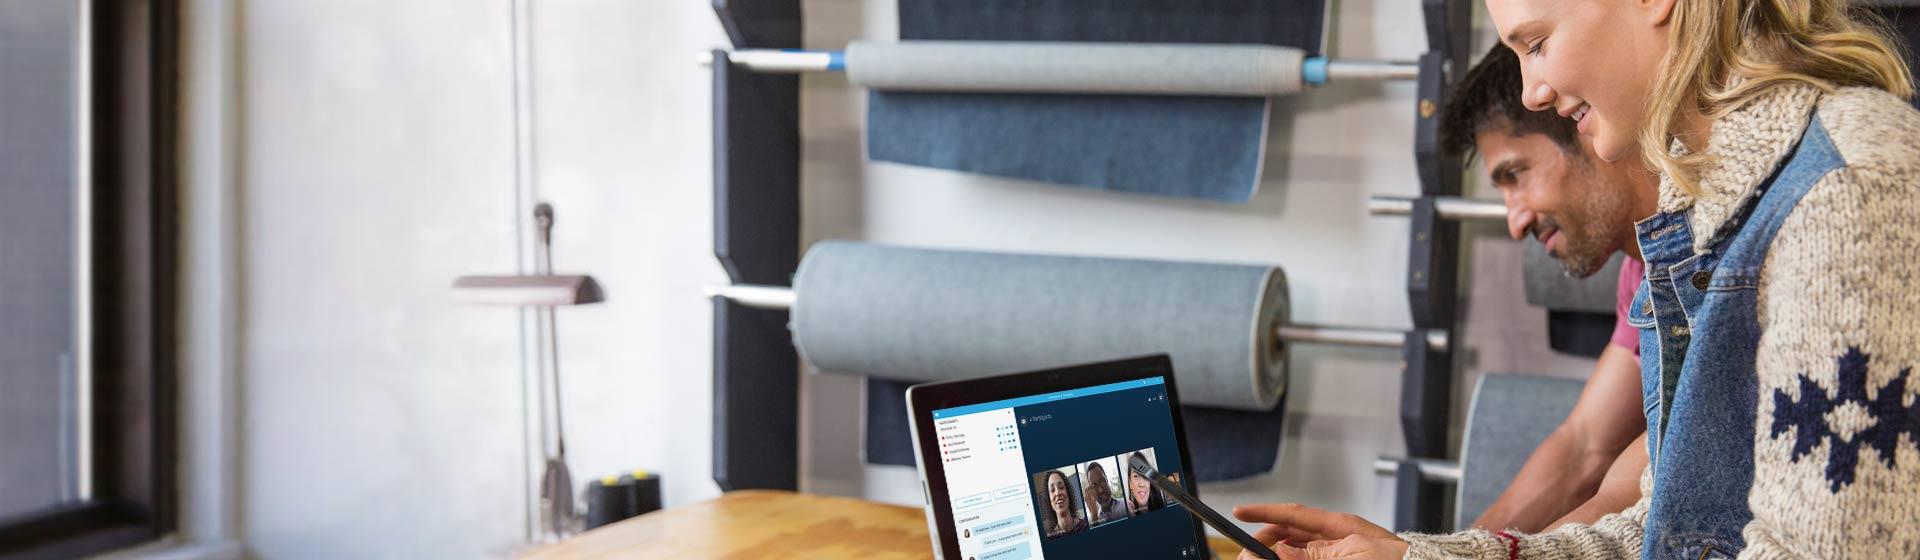 Uma mulher e um homem a utilizarem as reuniões do Skype num tablet, com a mulher a segurar num telemóvel